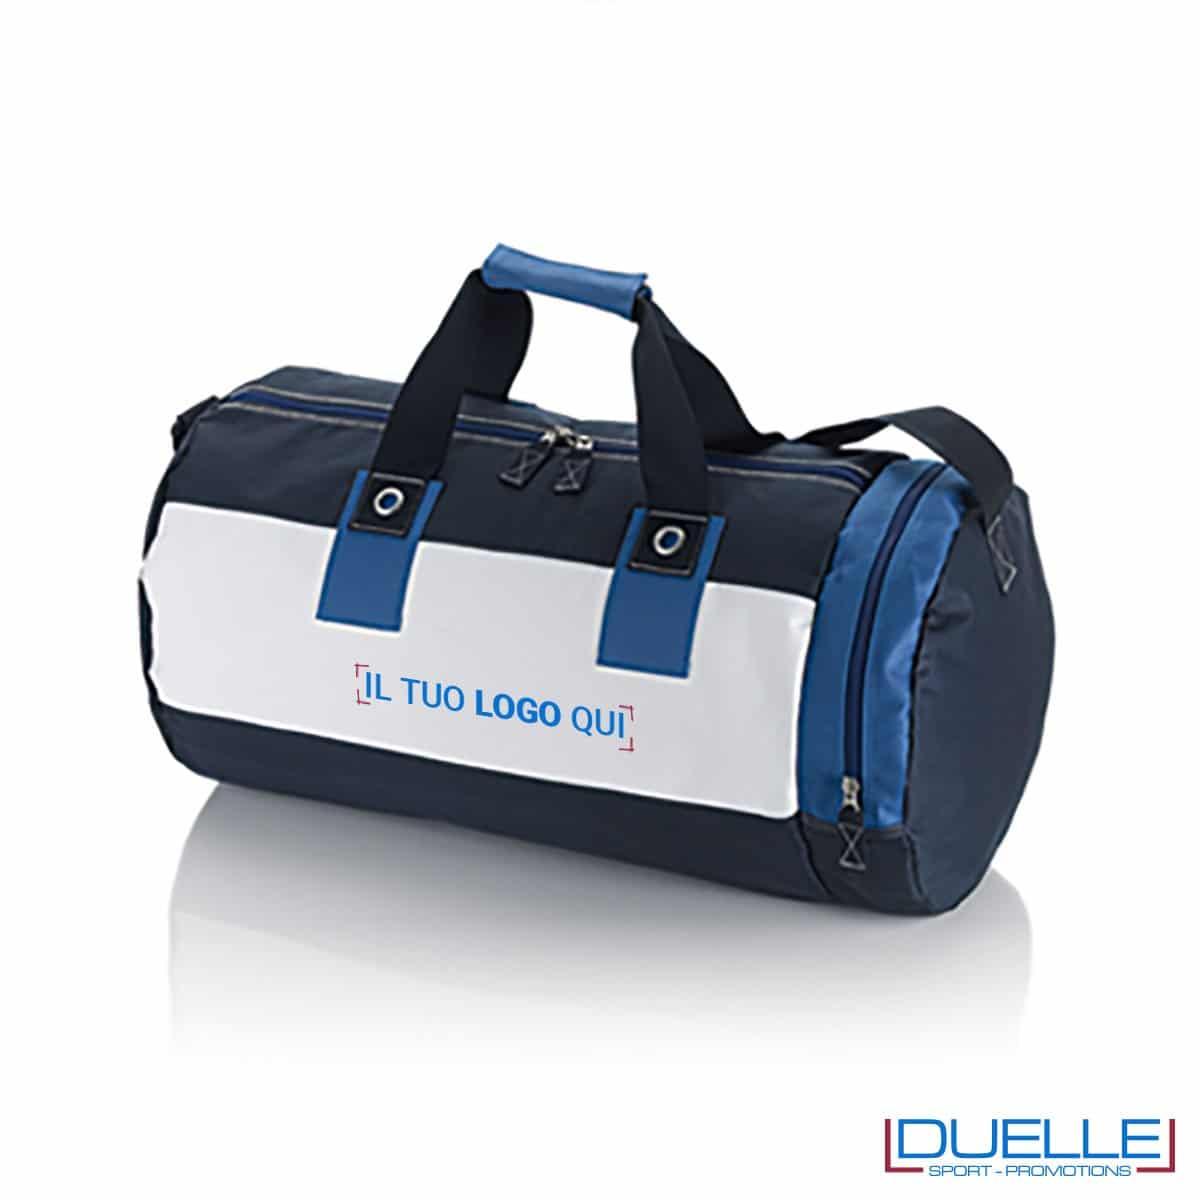 borsa promozionale ,borsa mare persolizzabile promozionale blu navy tessuto 600D